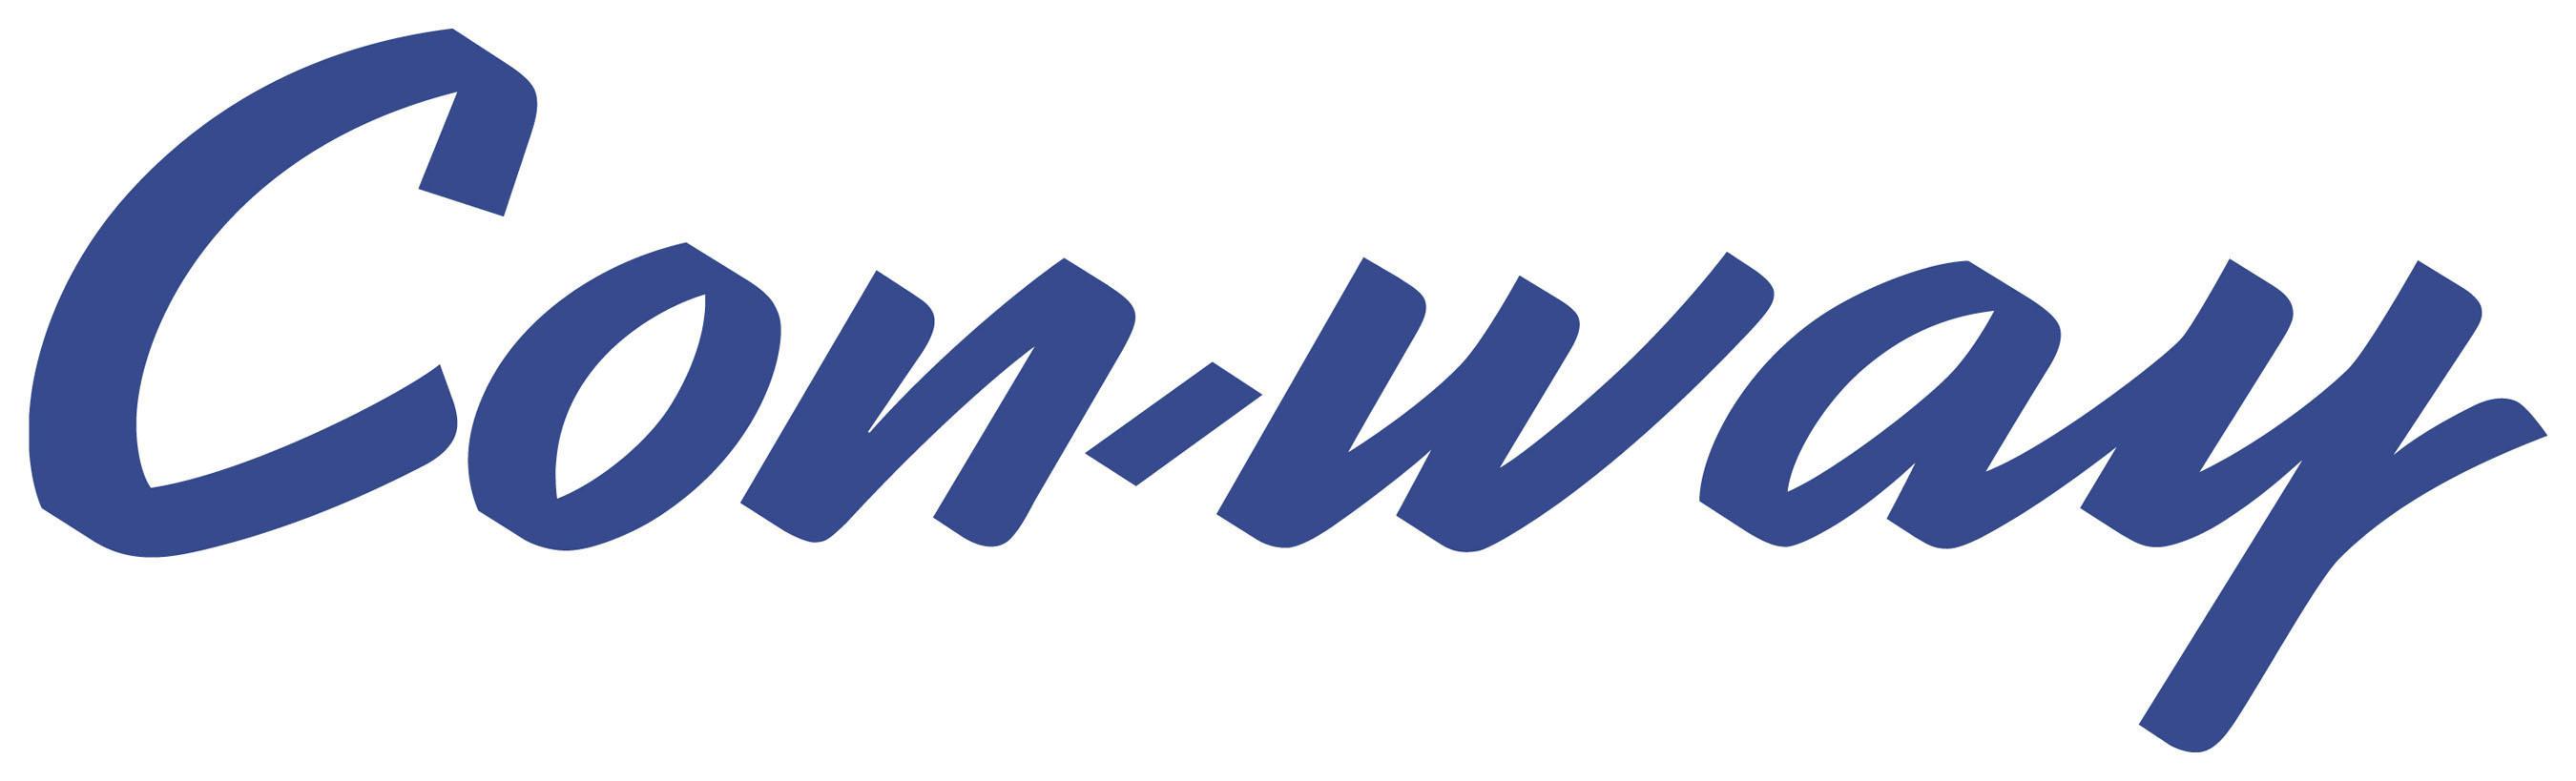 Con-way Inc. logo.